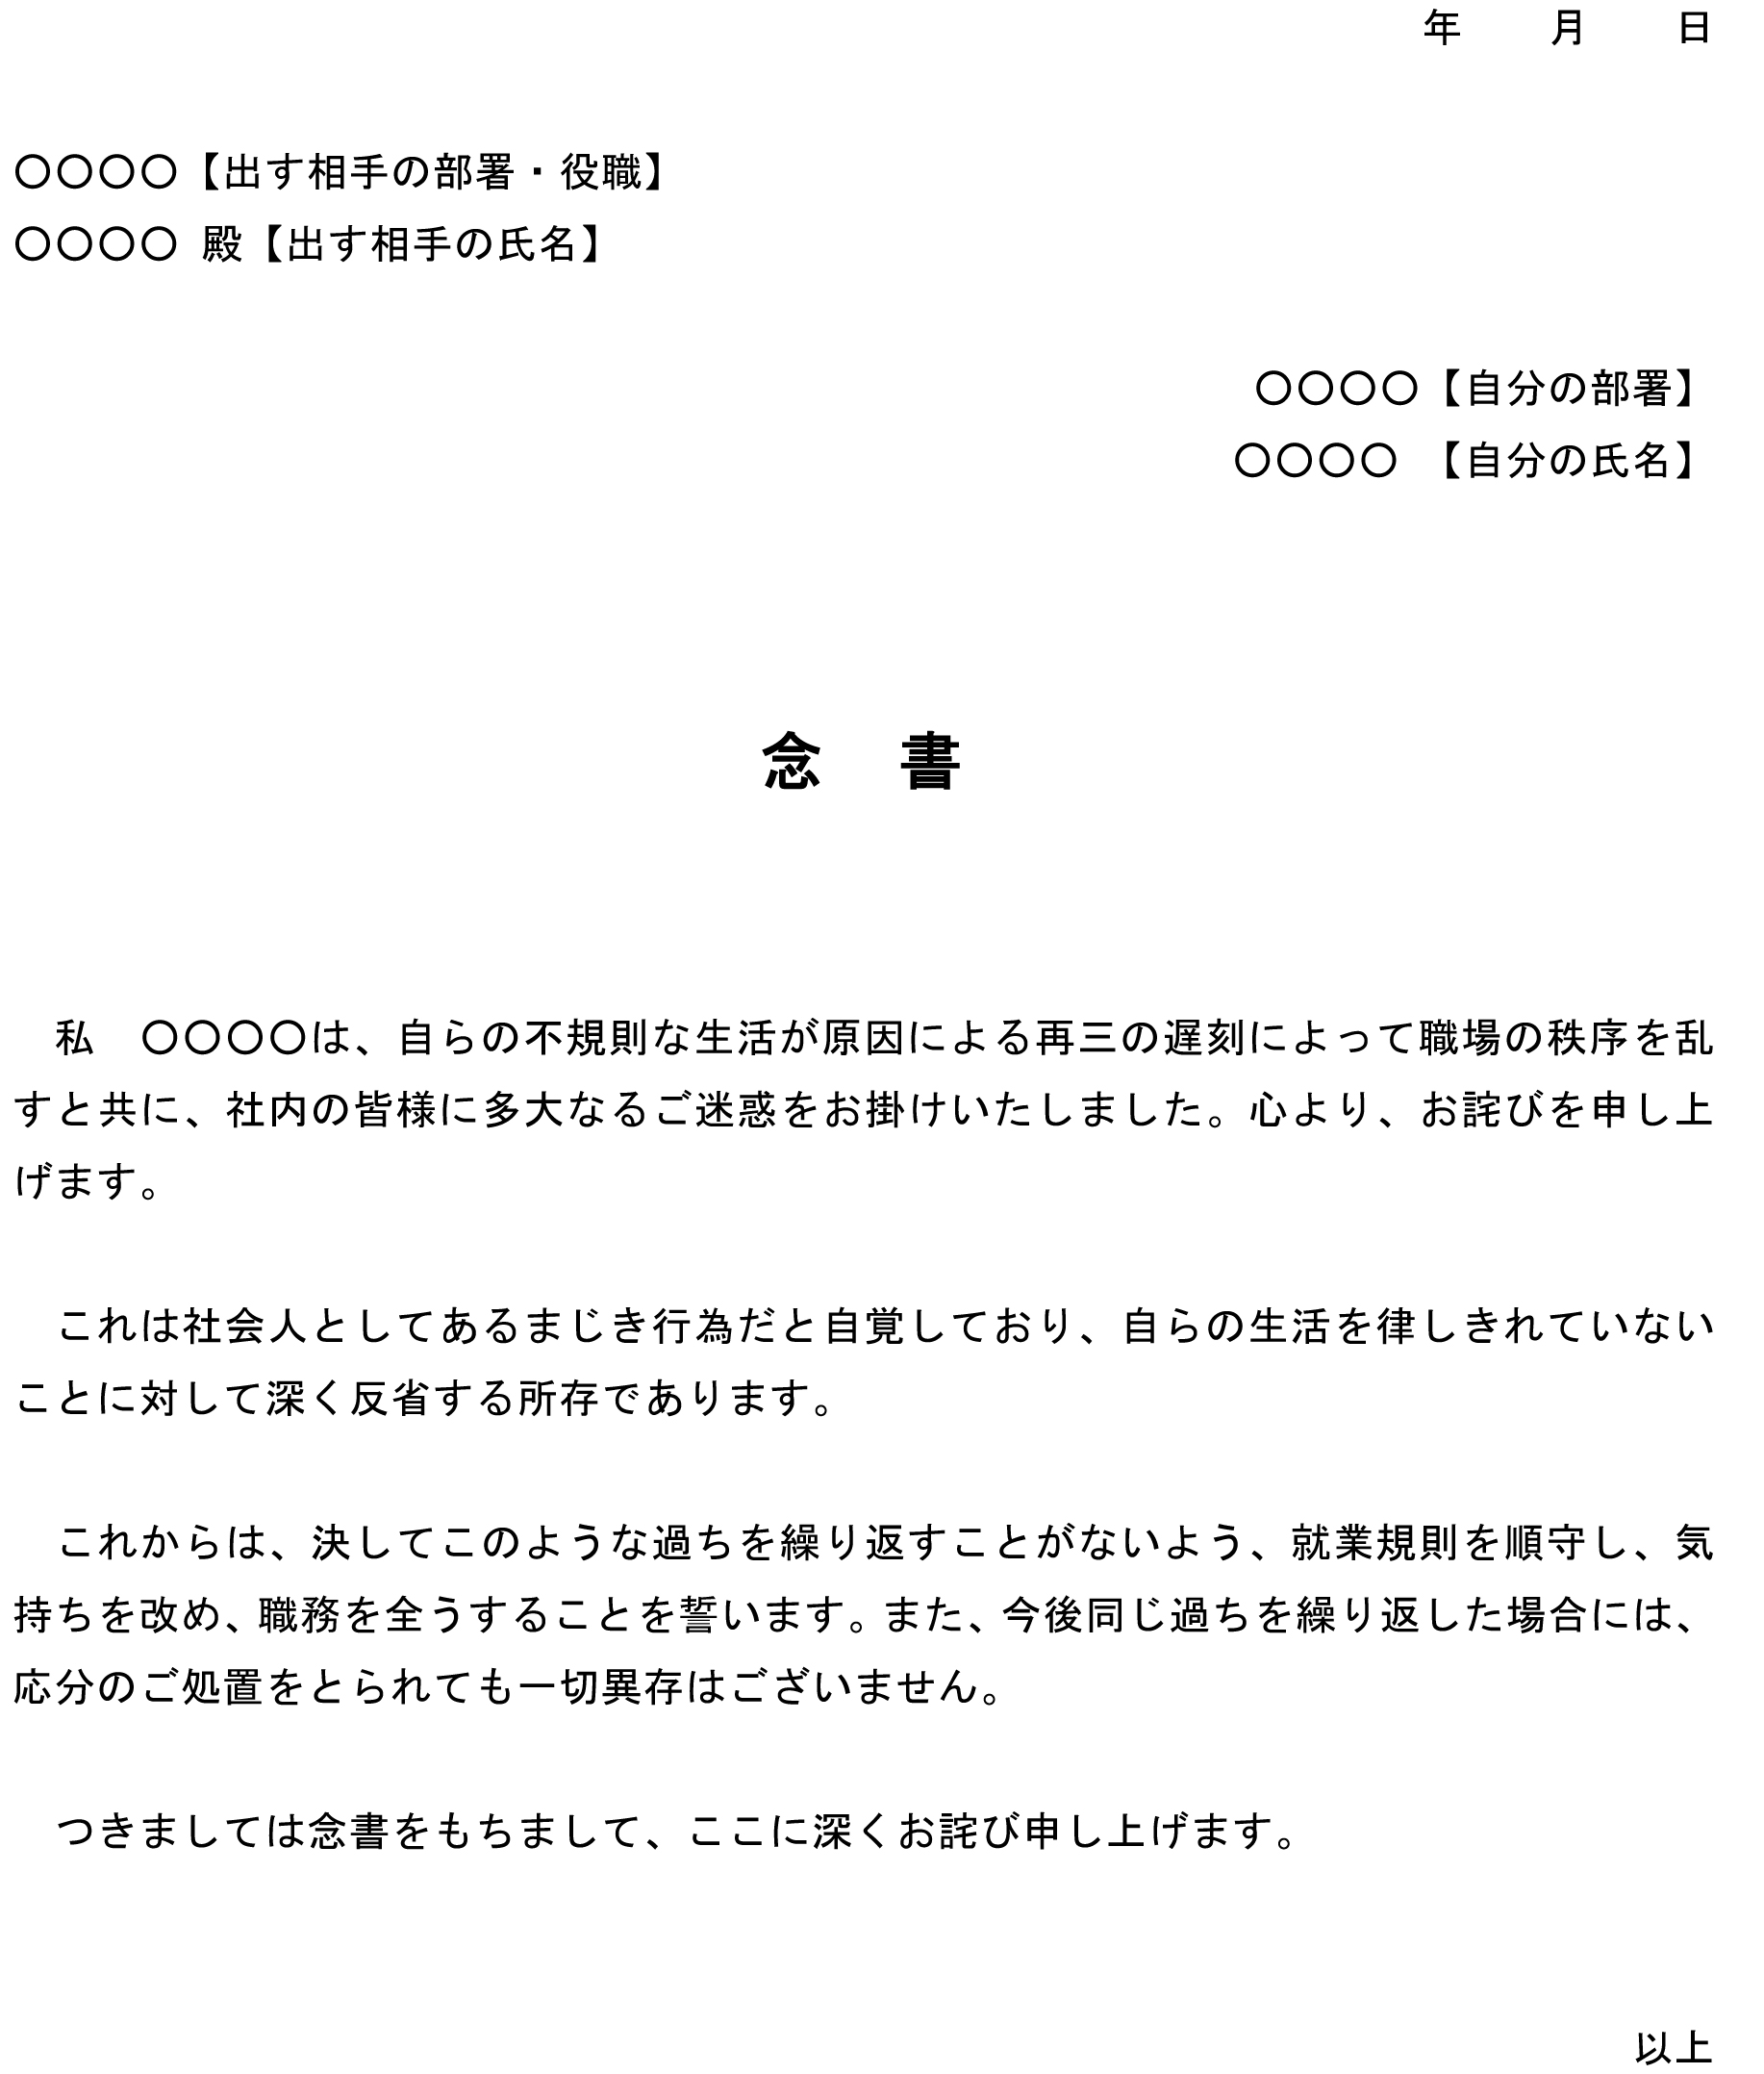 念書(怠慢:遅刻のお詫び)